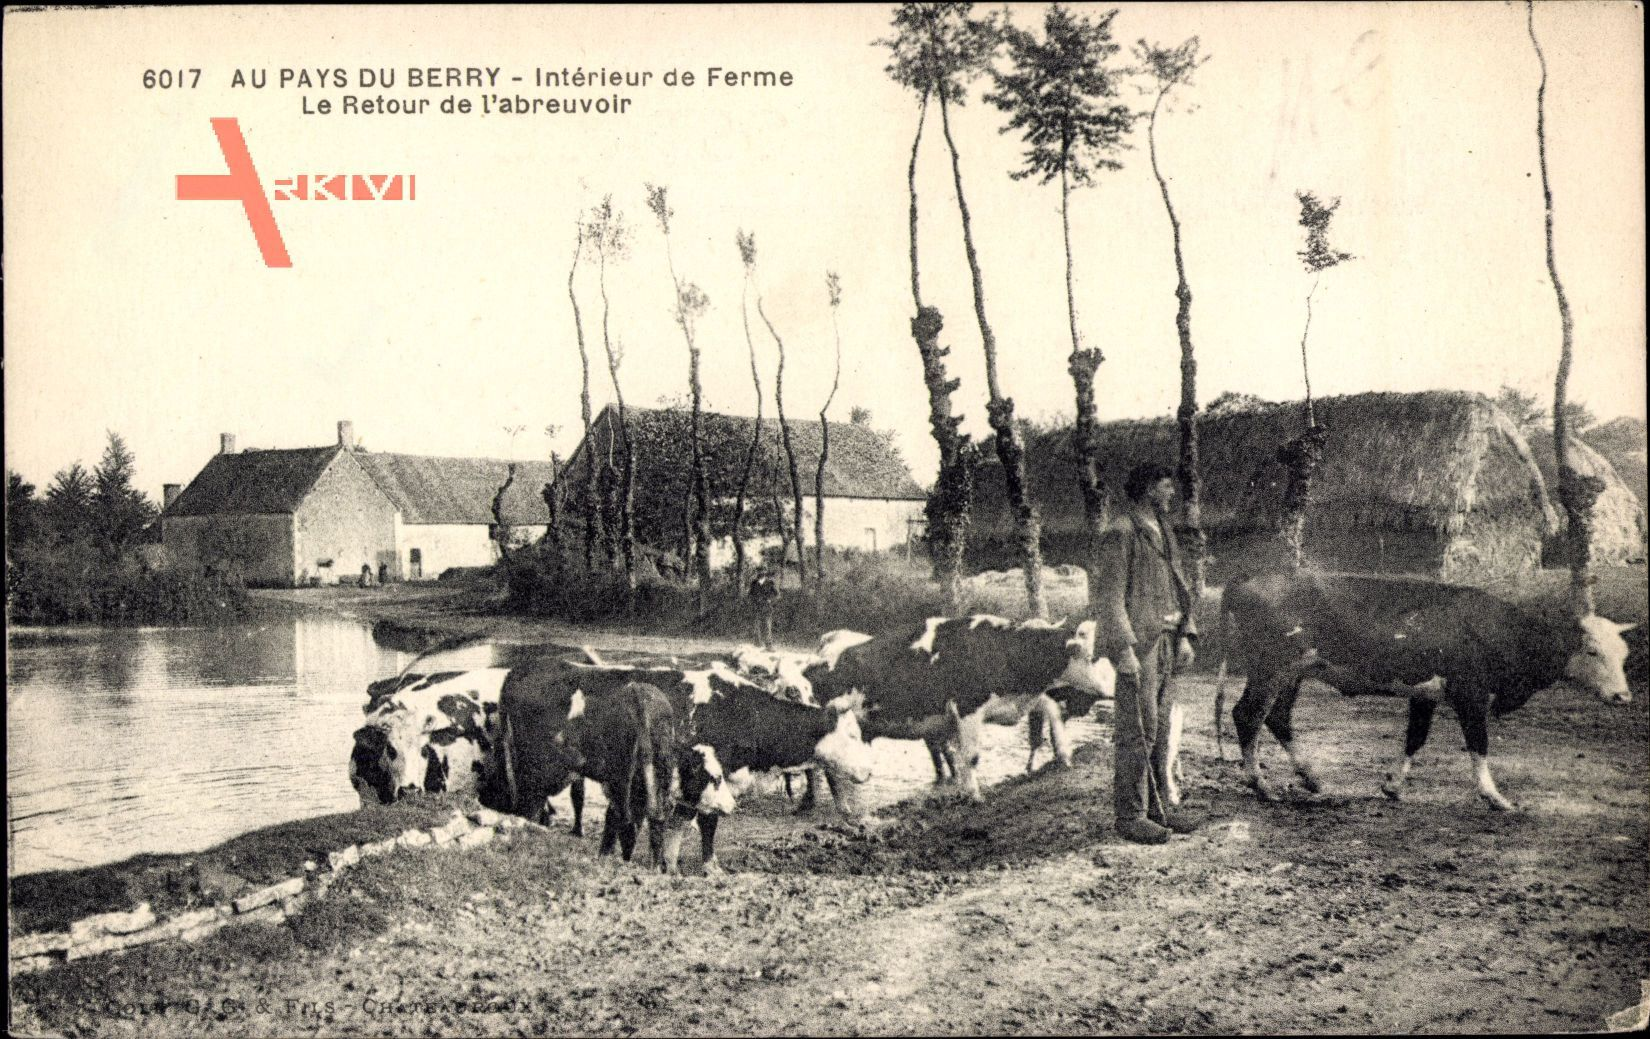 Au Pays du Berry, Intérieur de Ferme, Le Retour de labreuvoir